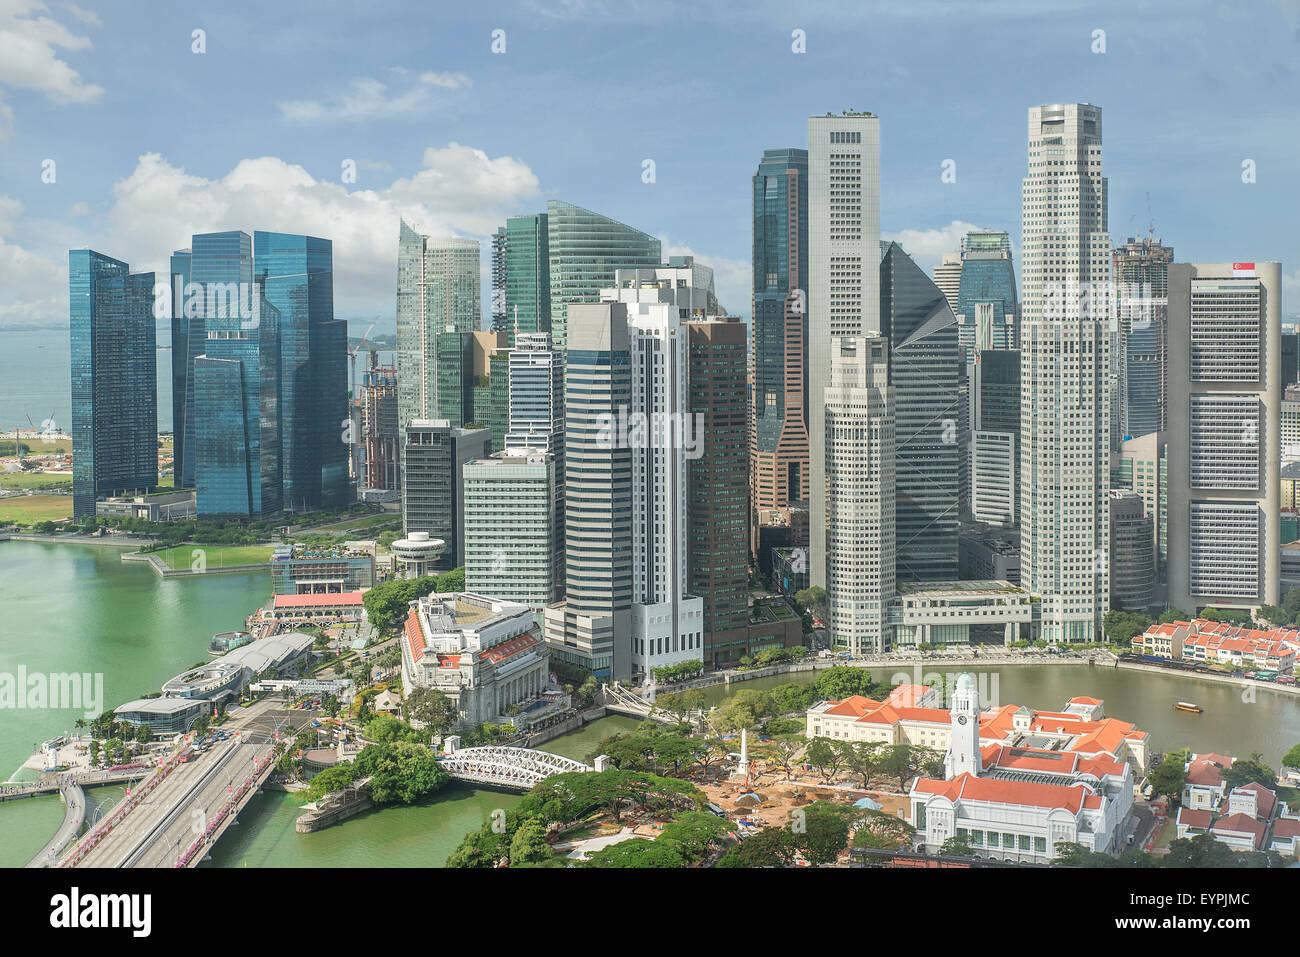 Horizonte de Singapur. El distrito de negocios de Singapur. Imagen De Stock